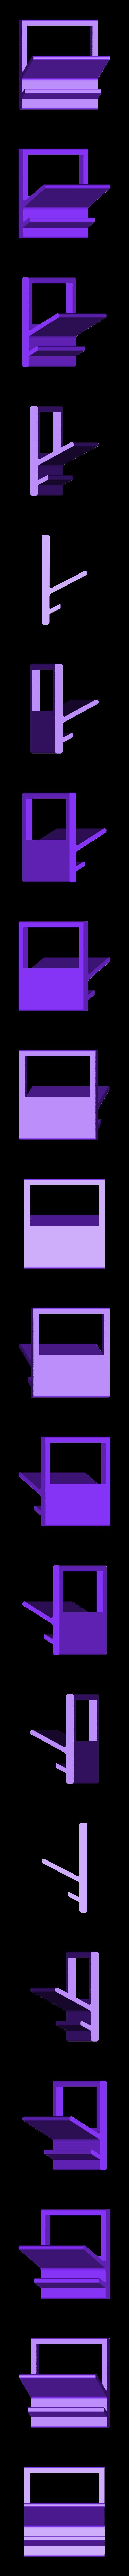 iphonestand3.stl Télécharger fichier STL gratuit supports iphone • Modèle à imprimer en 3D, Tramgonce